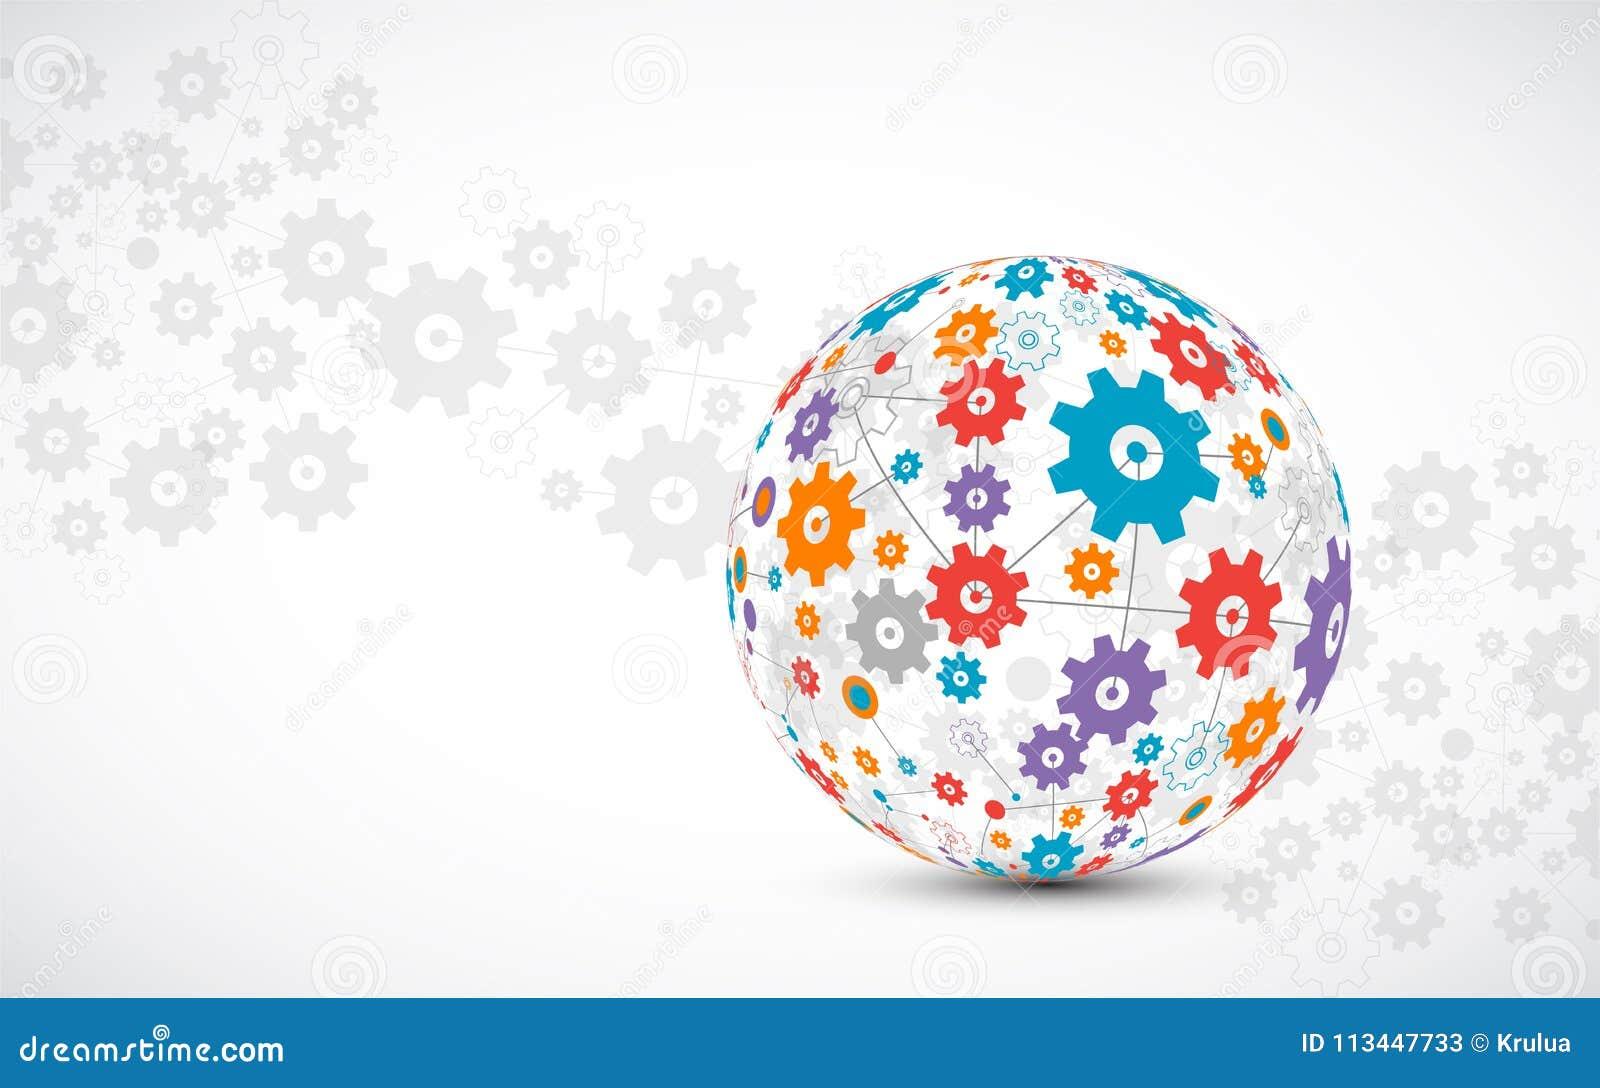 抽象技术球形背景 全球网络概念